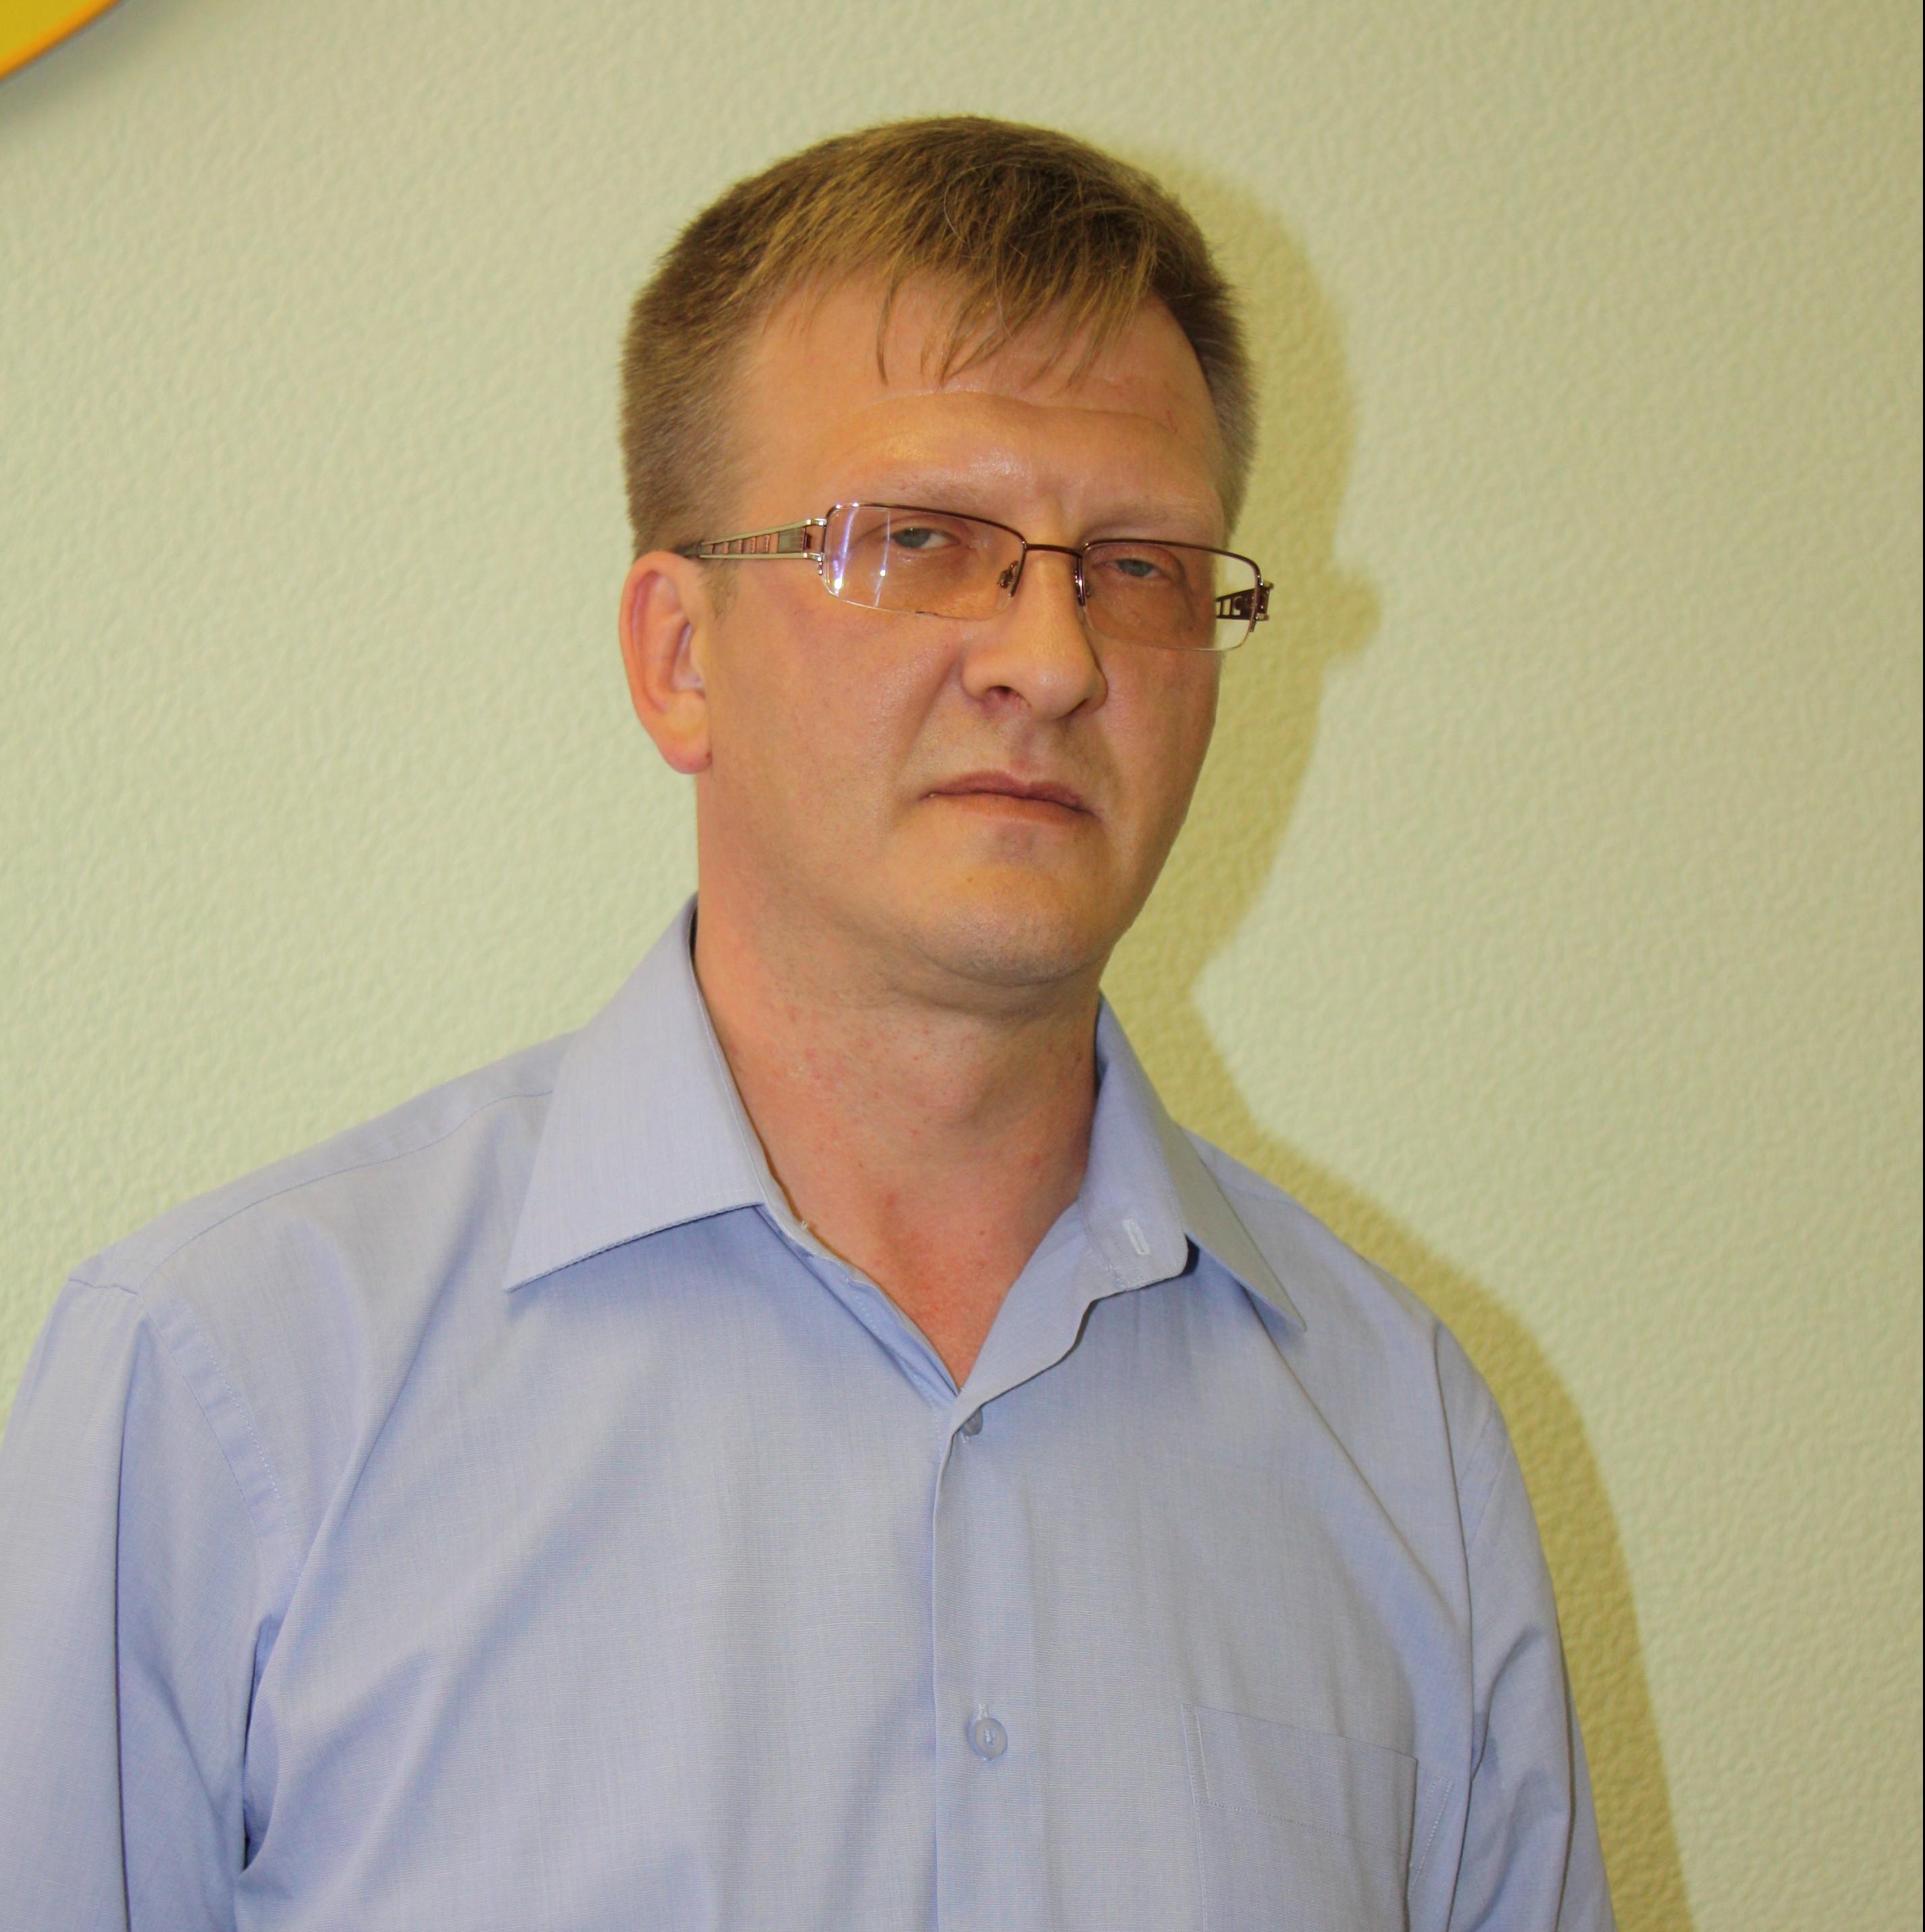 Усиков<br/> Павел Юрьевич